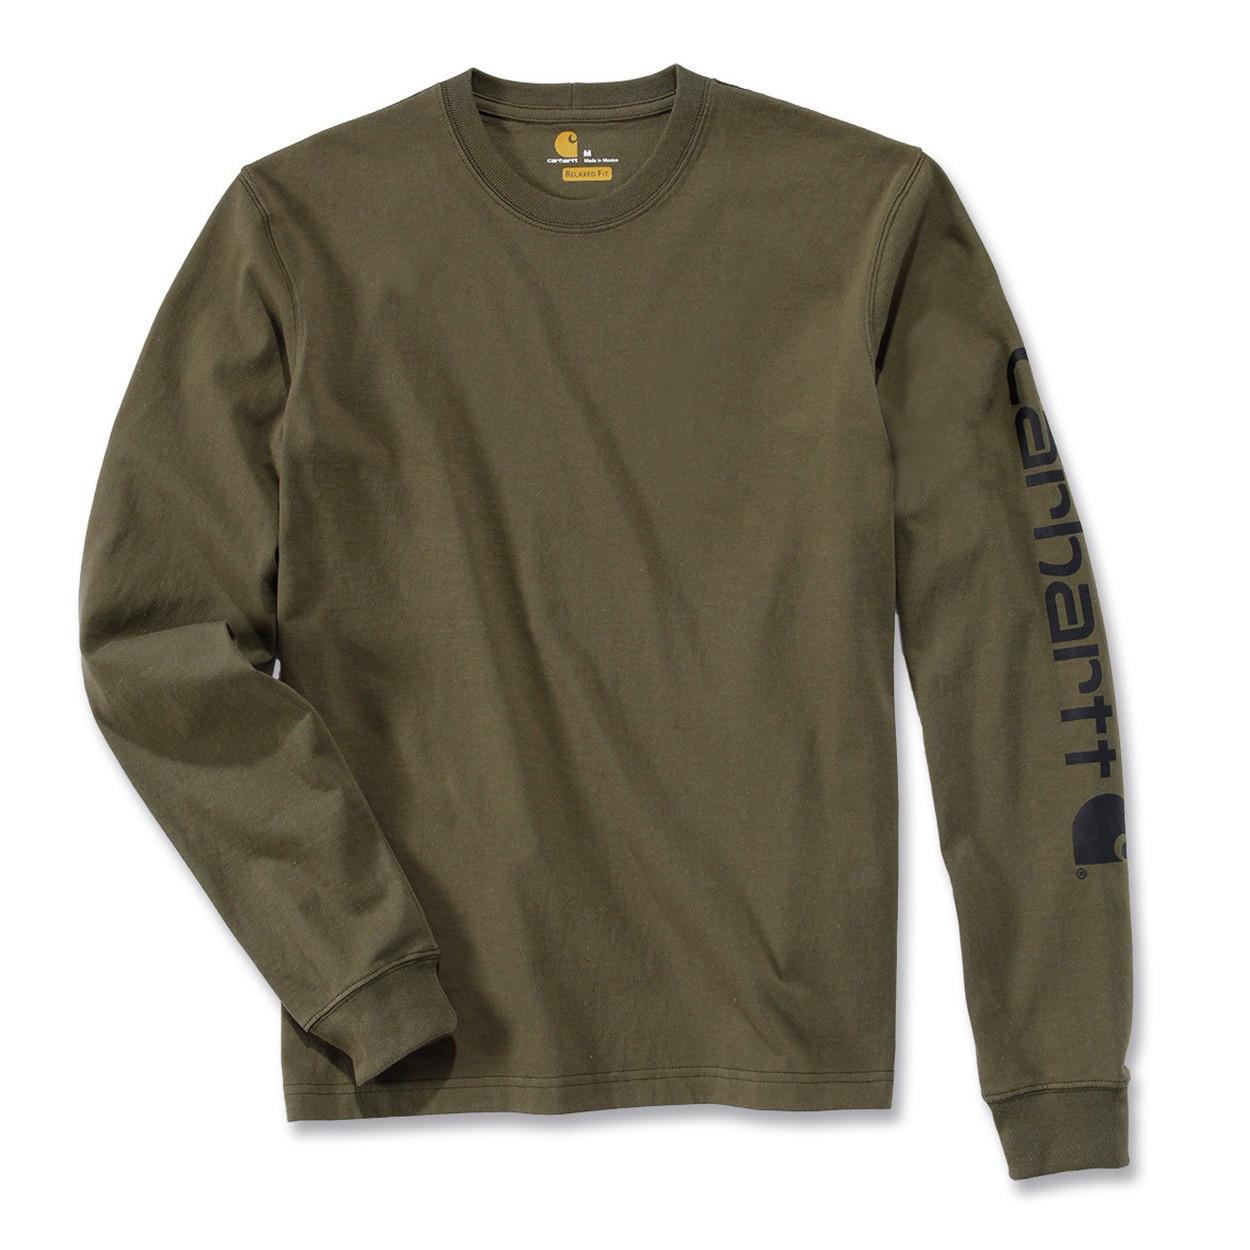 Футболка с длинным рукавом Carhartt Sleeve Logo T-Shirt L/S - EK231 (Army Green, S)